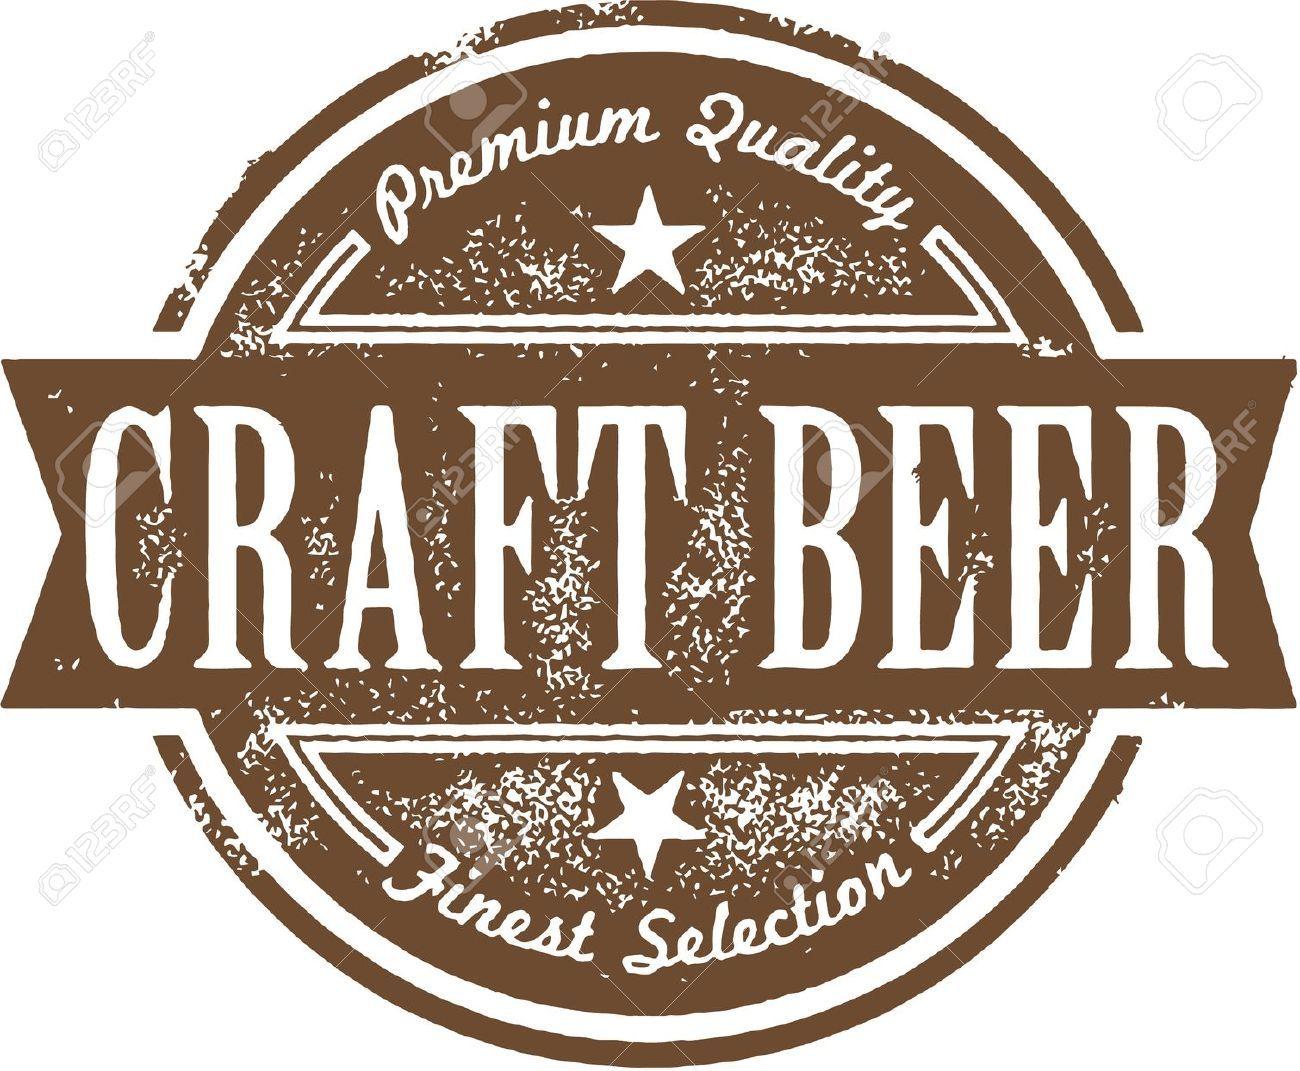 Großartig Bier Label Vorlage Wort Bilder - Beispiel Wiederaufnahme ...